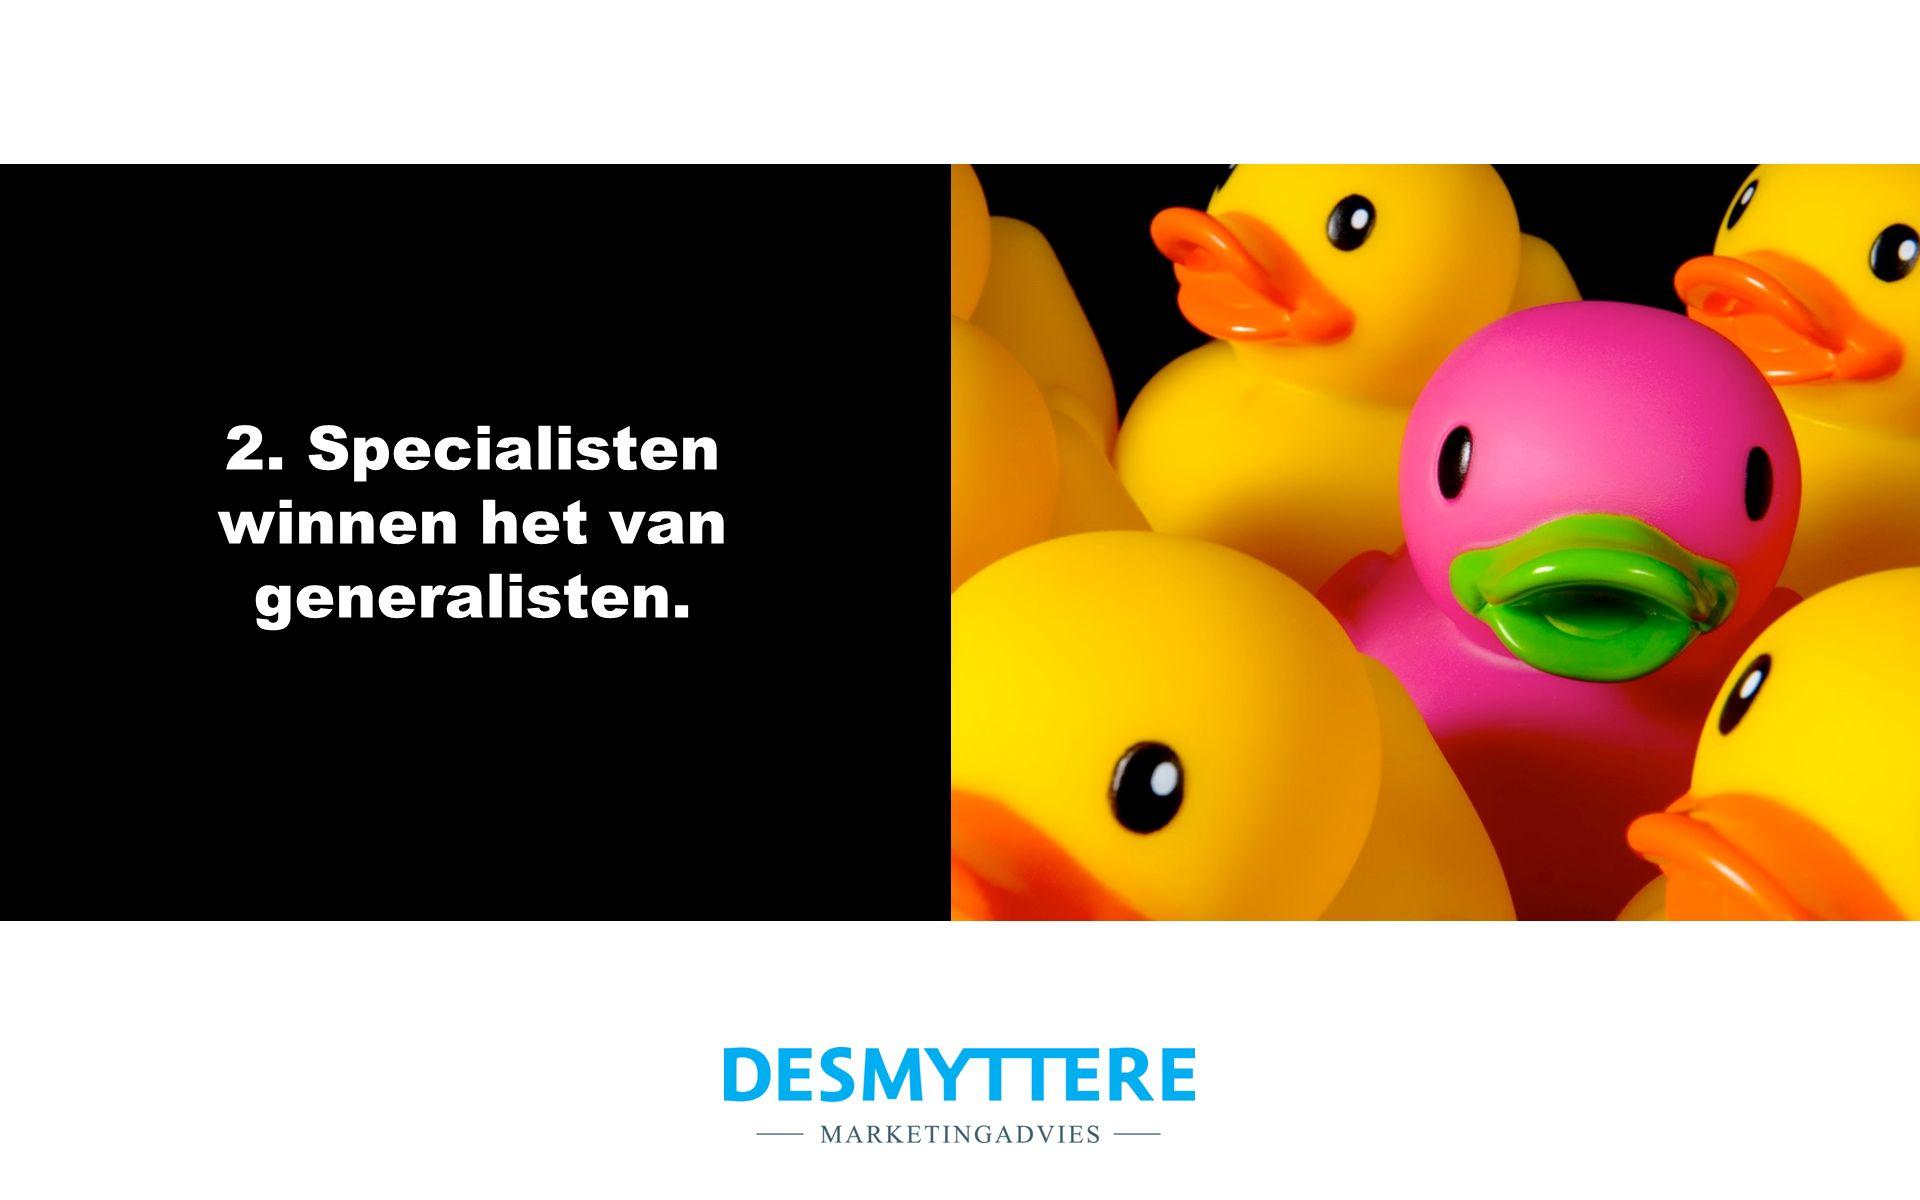 2. Specialisten winnen het van generalisten.